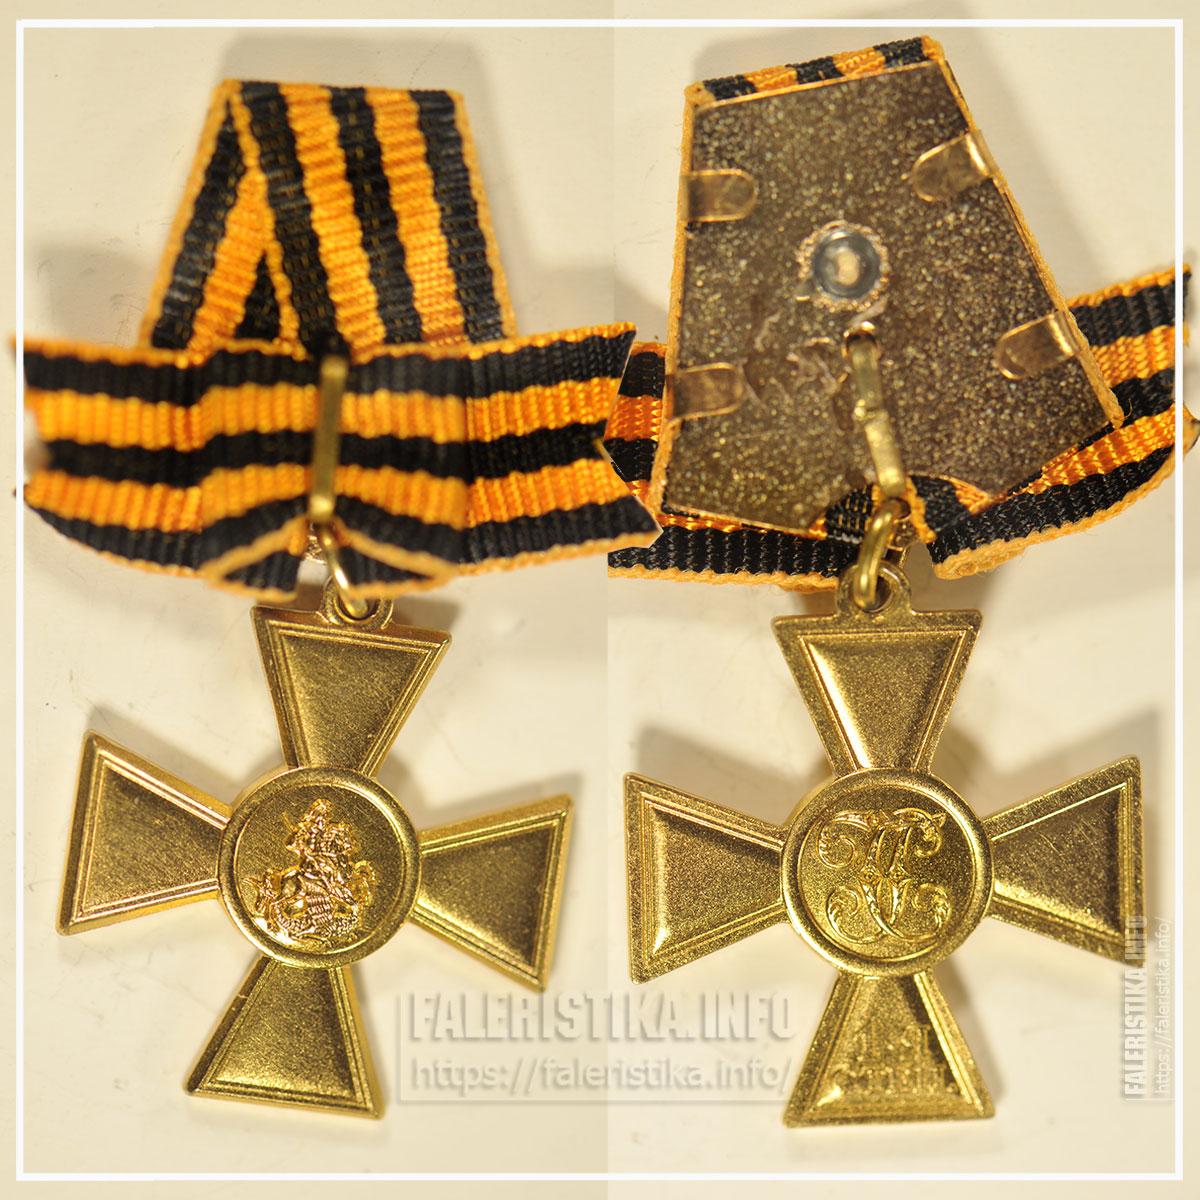 Знак отличия — Георгиевский крест I степени. Миниатюрная копия знака (фрачник)